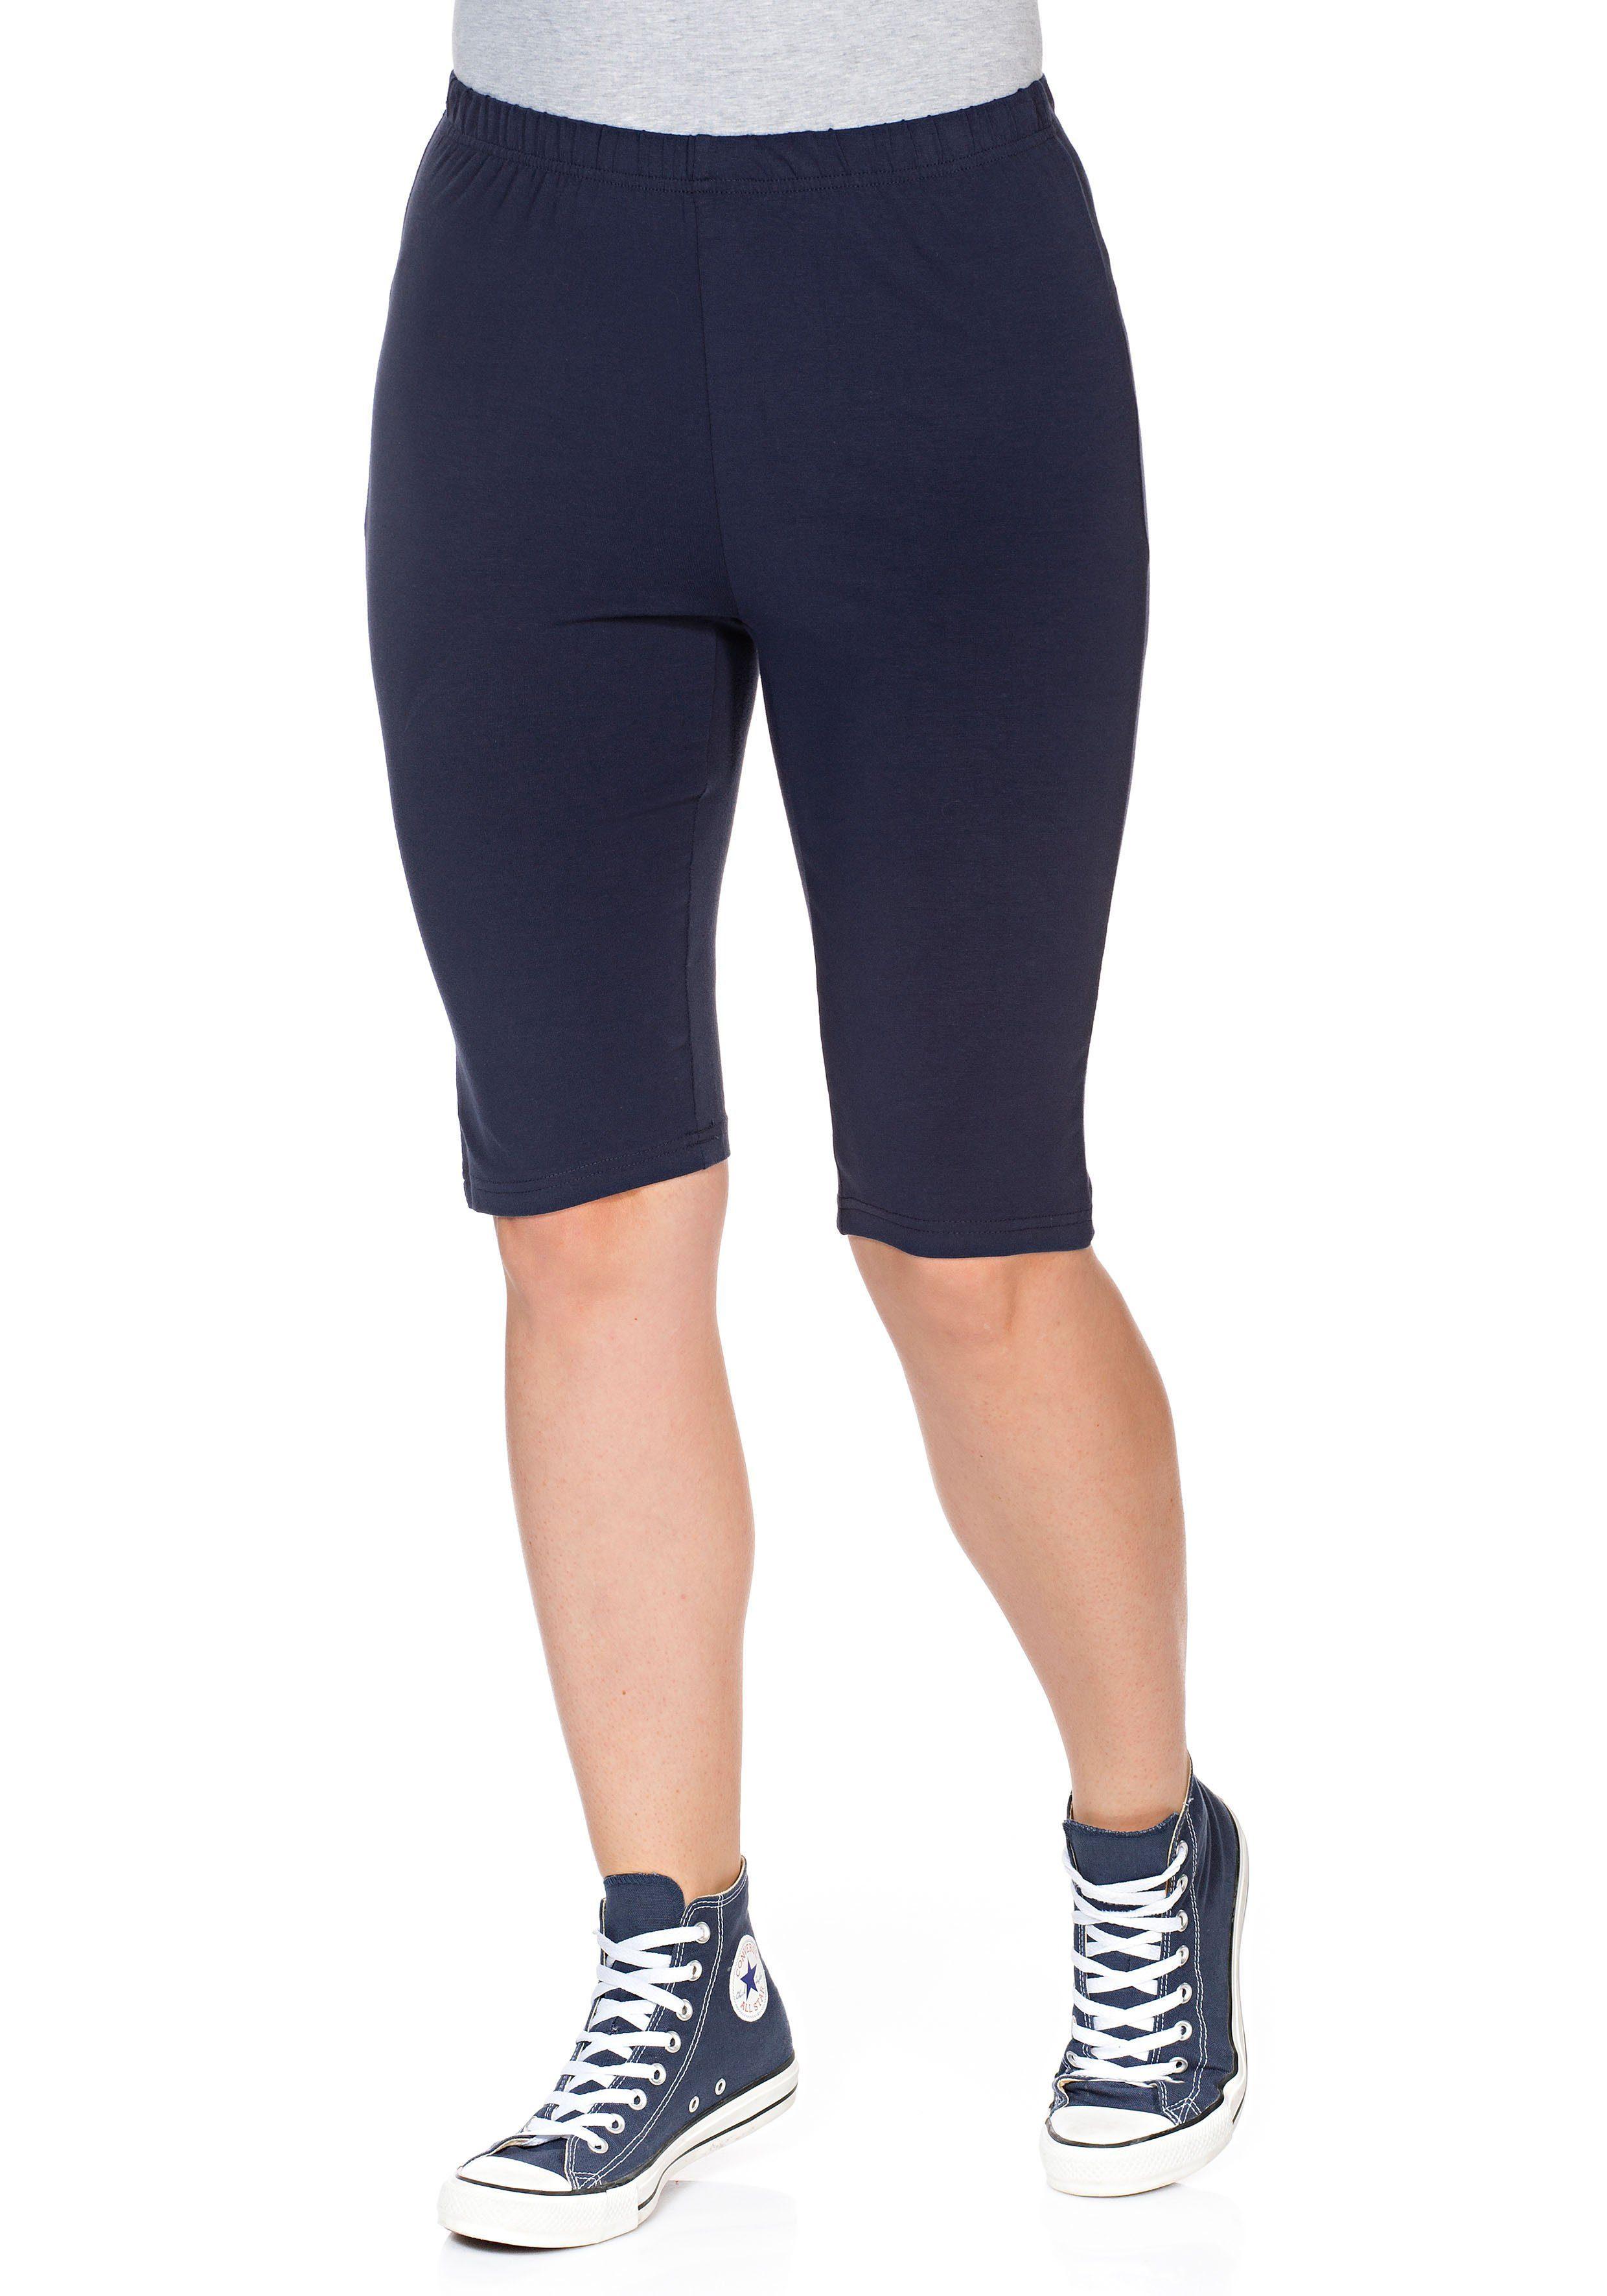 Sheego Radlerhose, mit hohem Baumwollanteil blau Damen Kurze Hosen Radlerhose